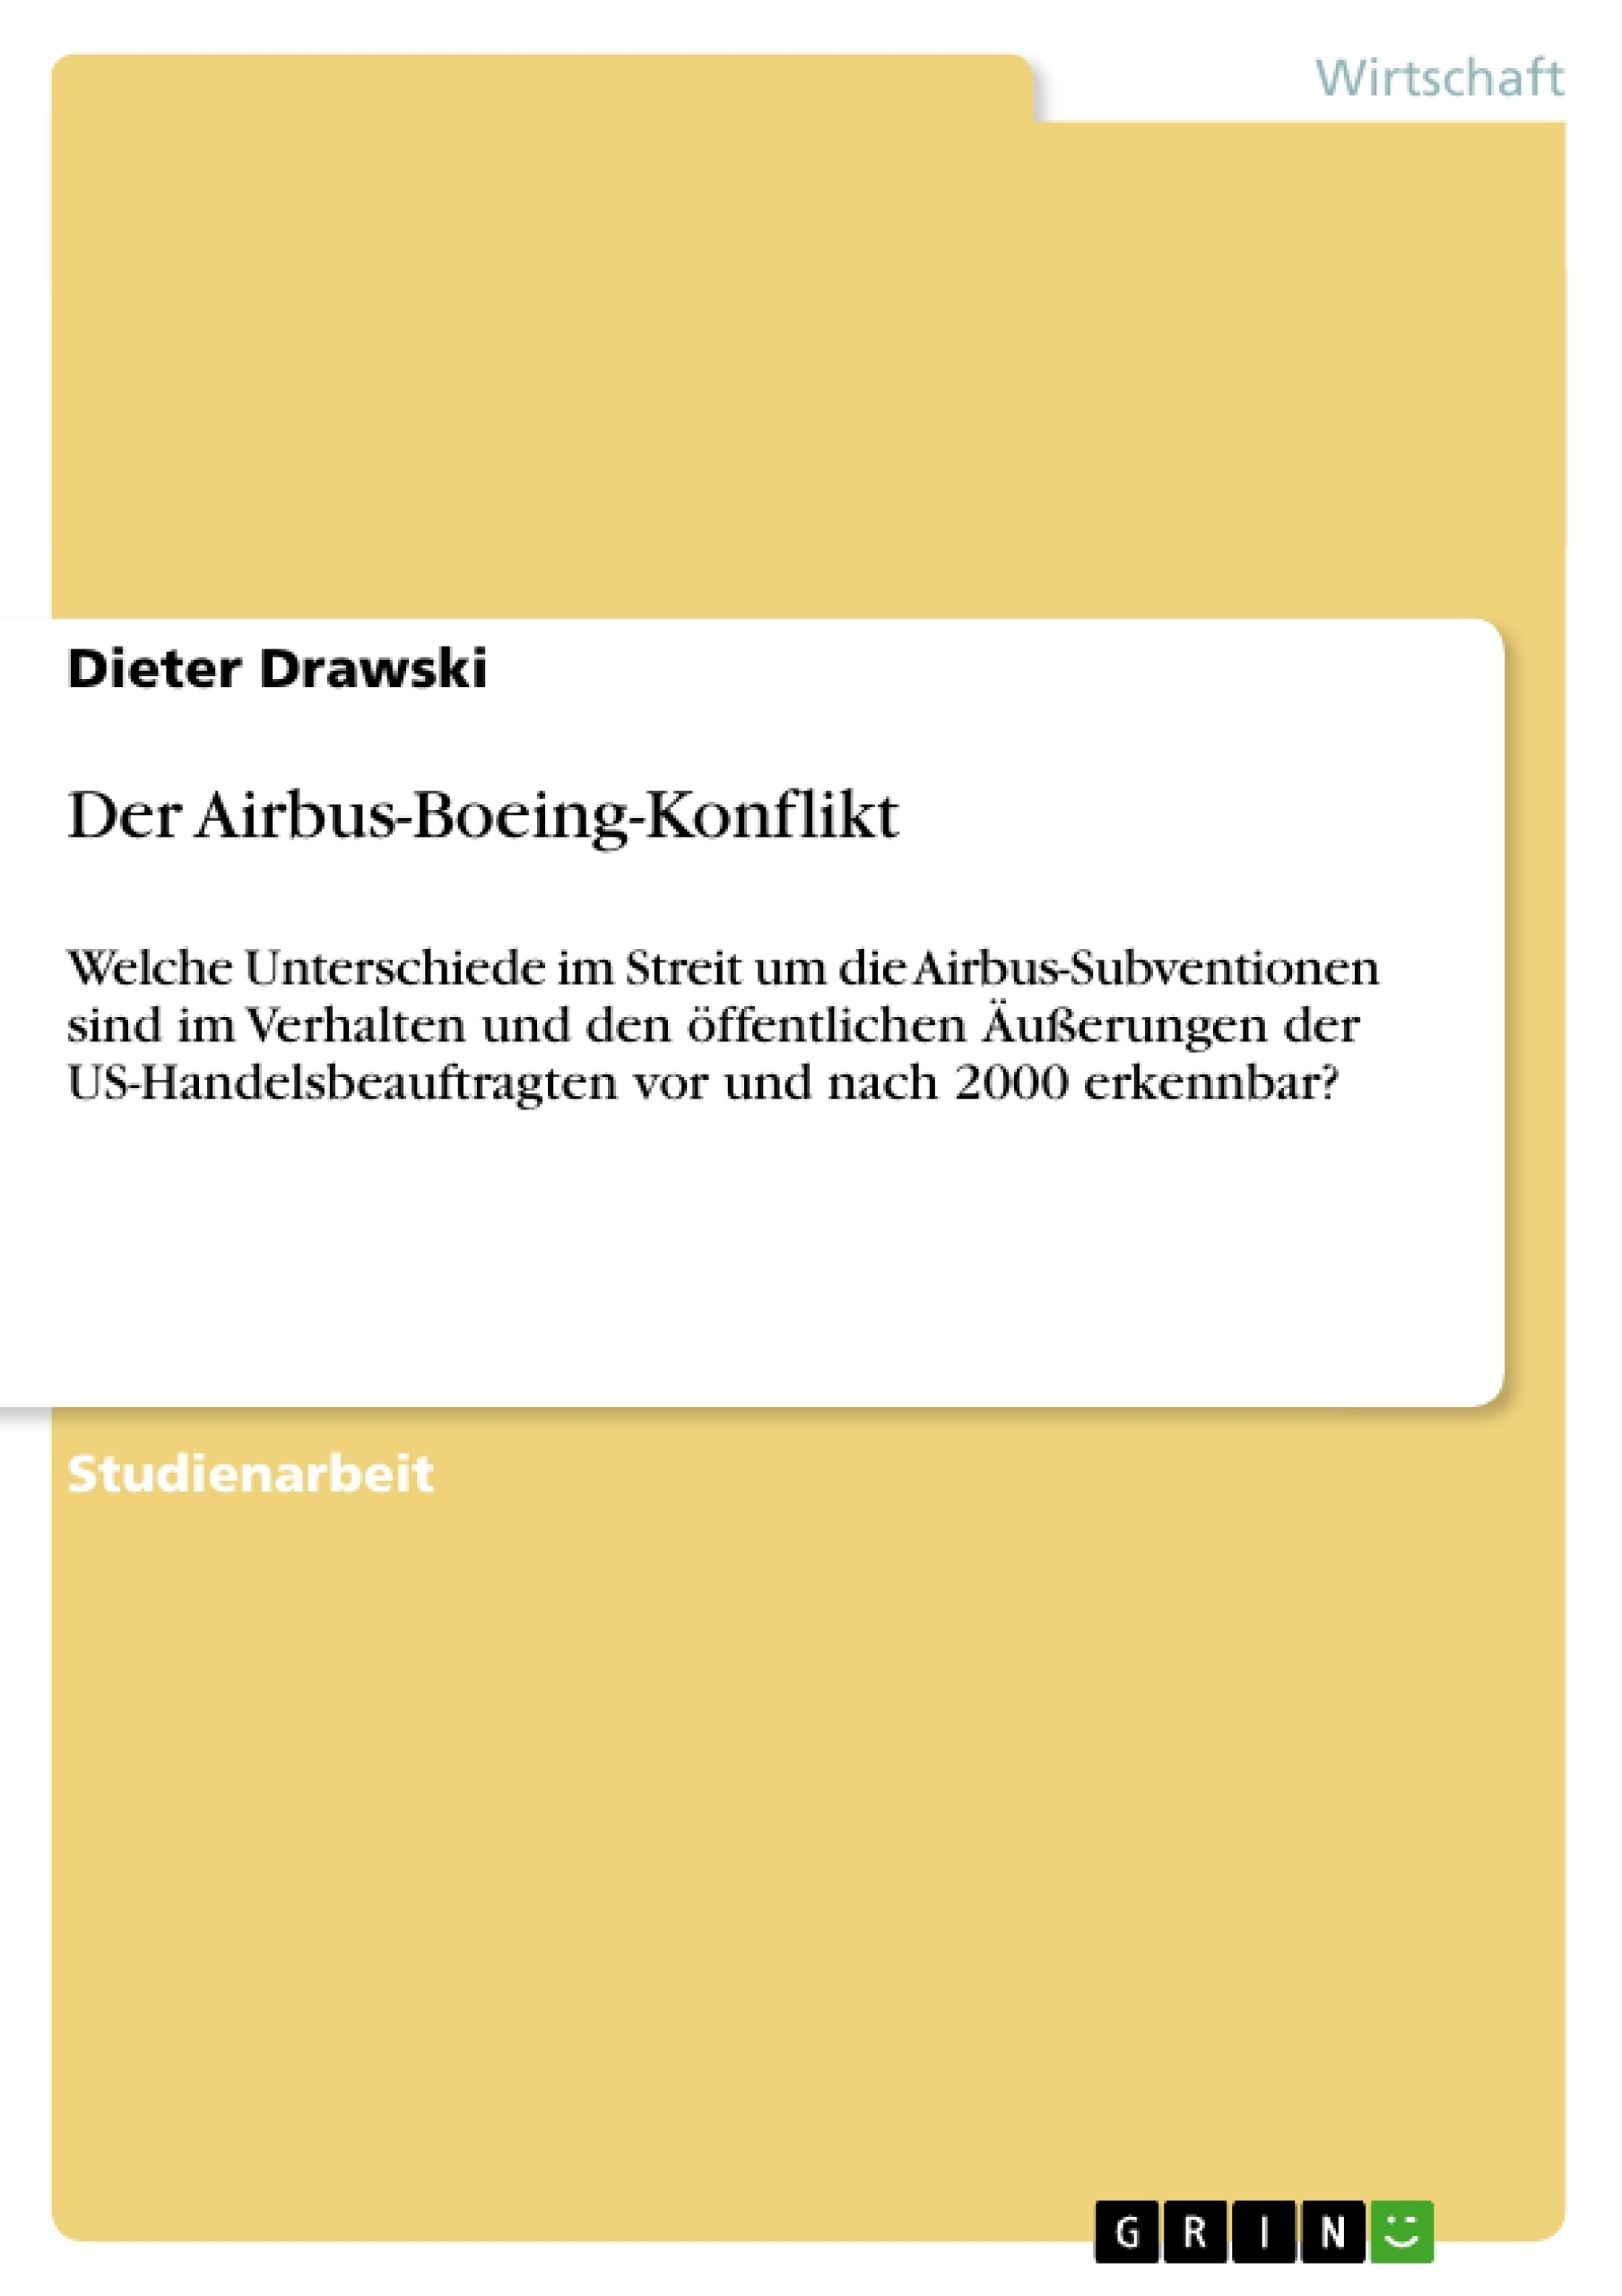 Titel: Der Airbus-Boeing-Konflikt